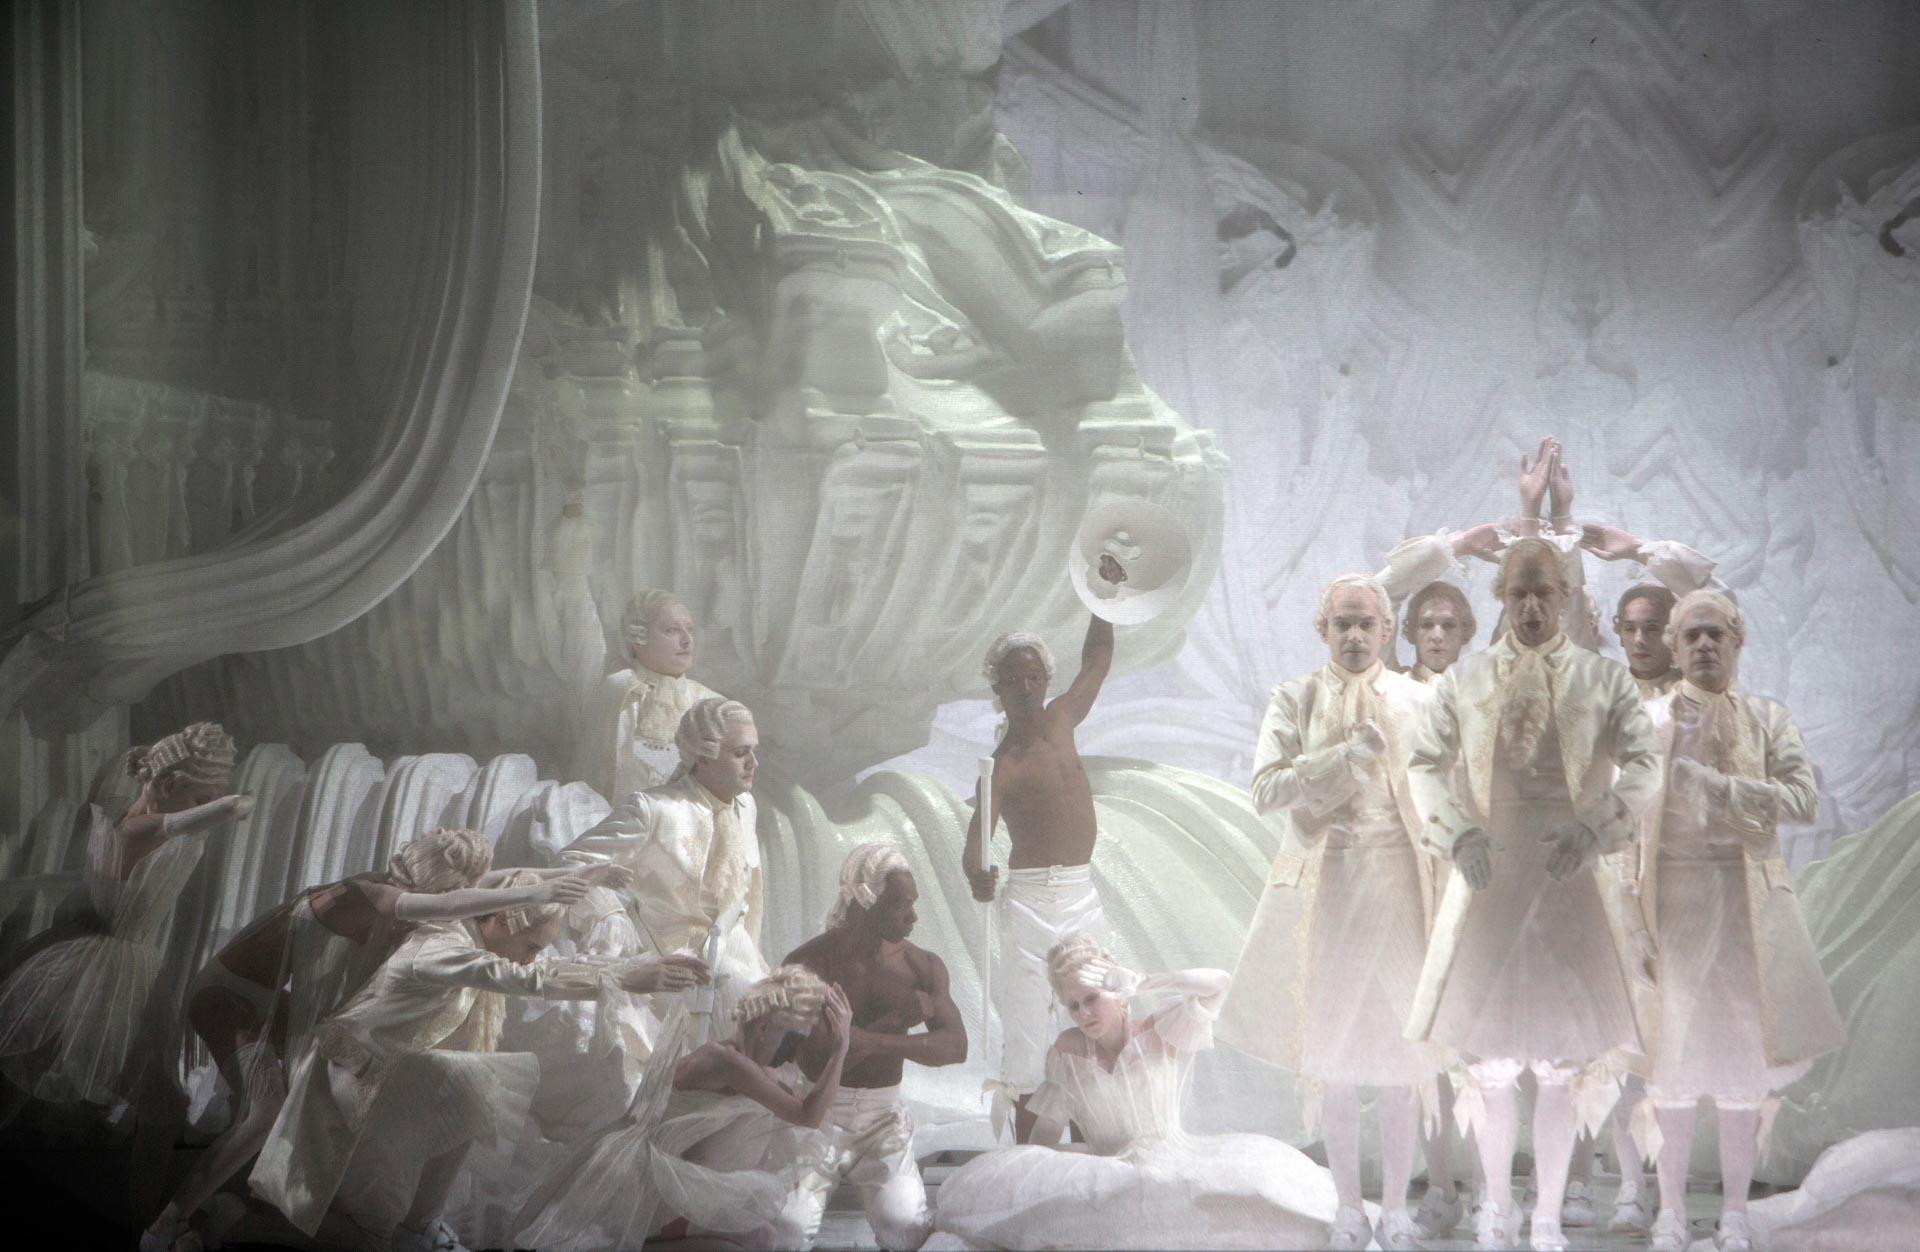 La Monnaie Brussels - Magic Flute - Castellucci production (© Bernd Uhlig)